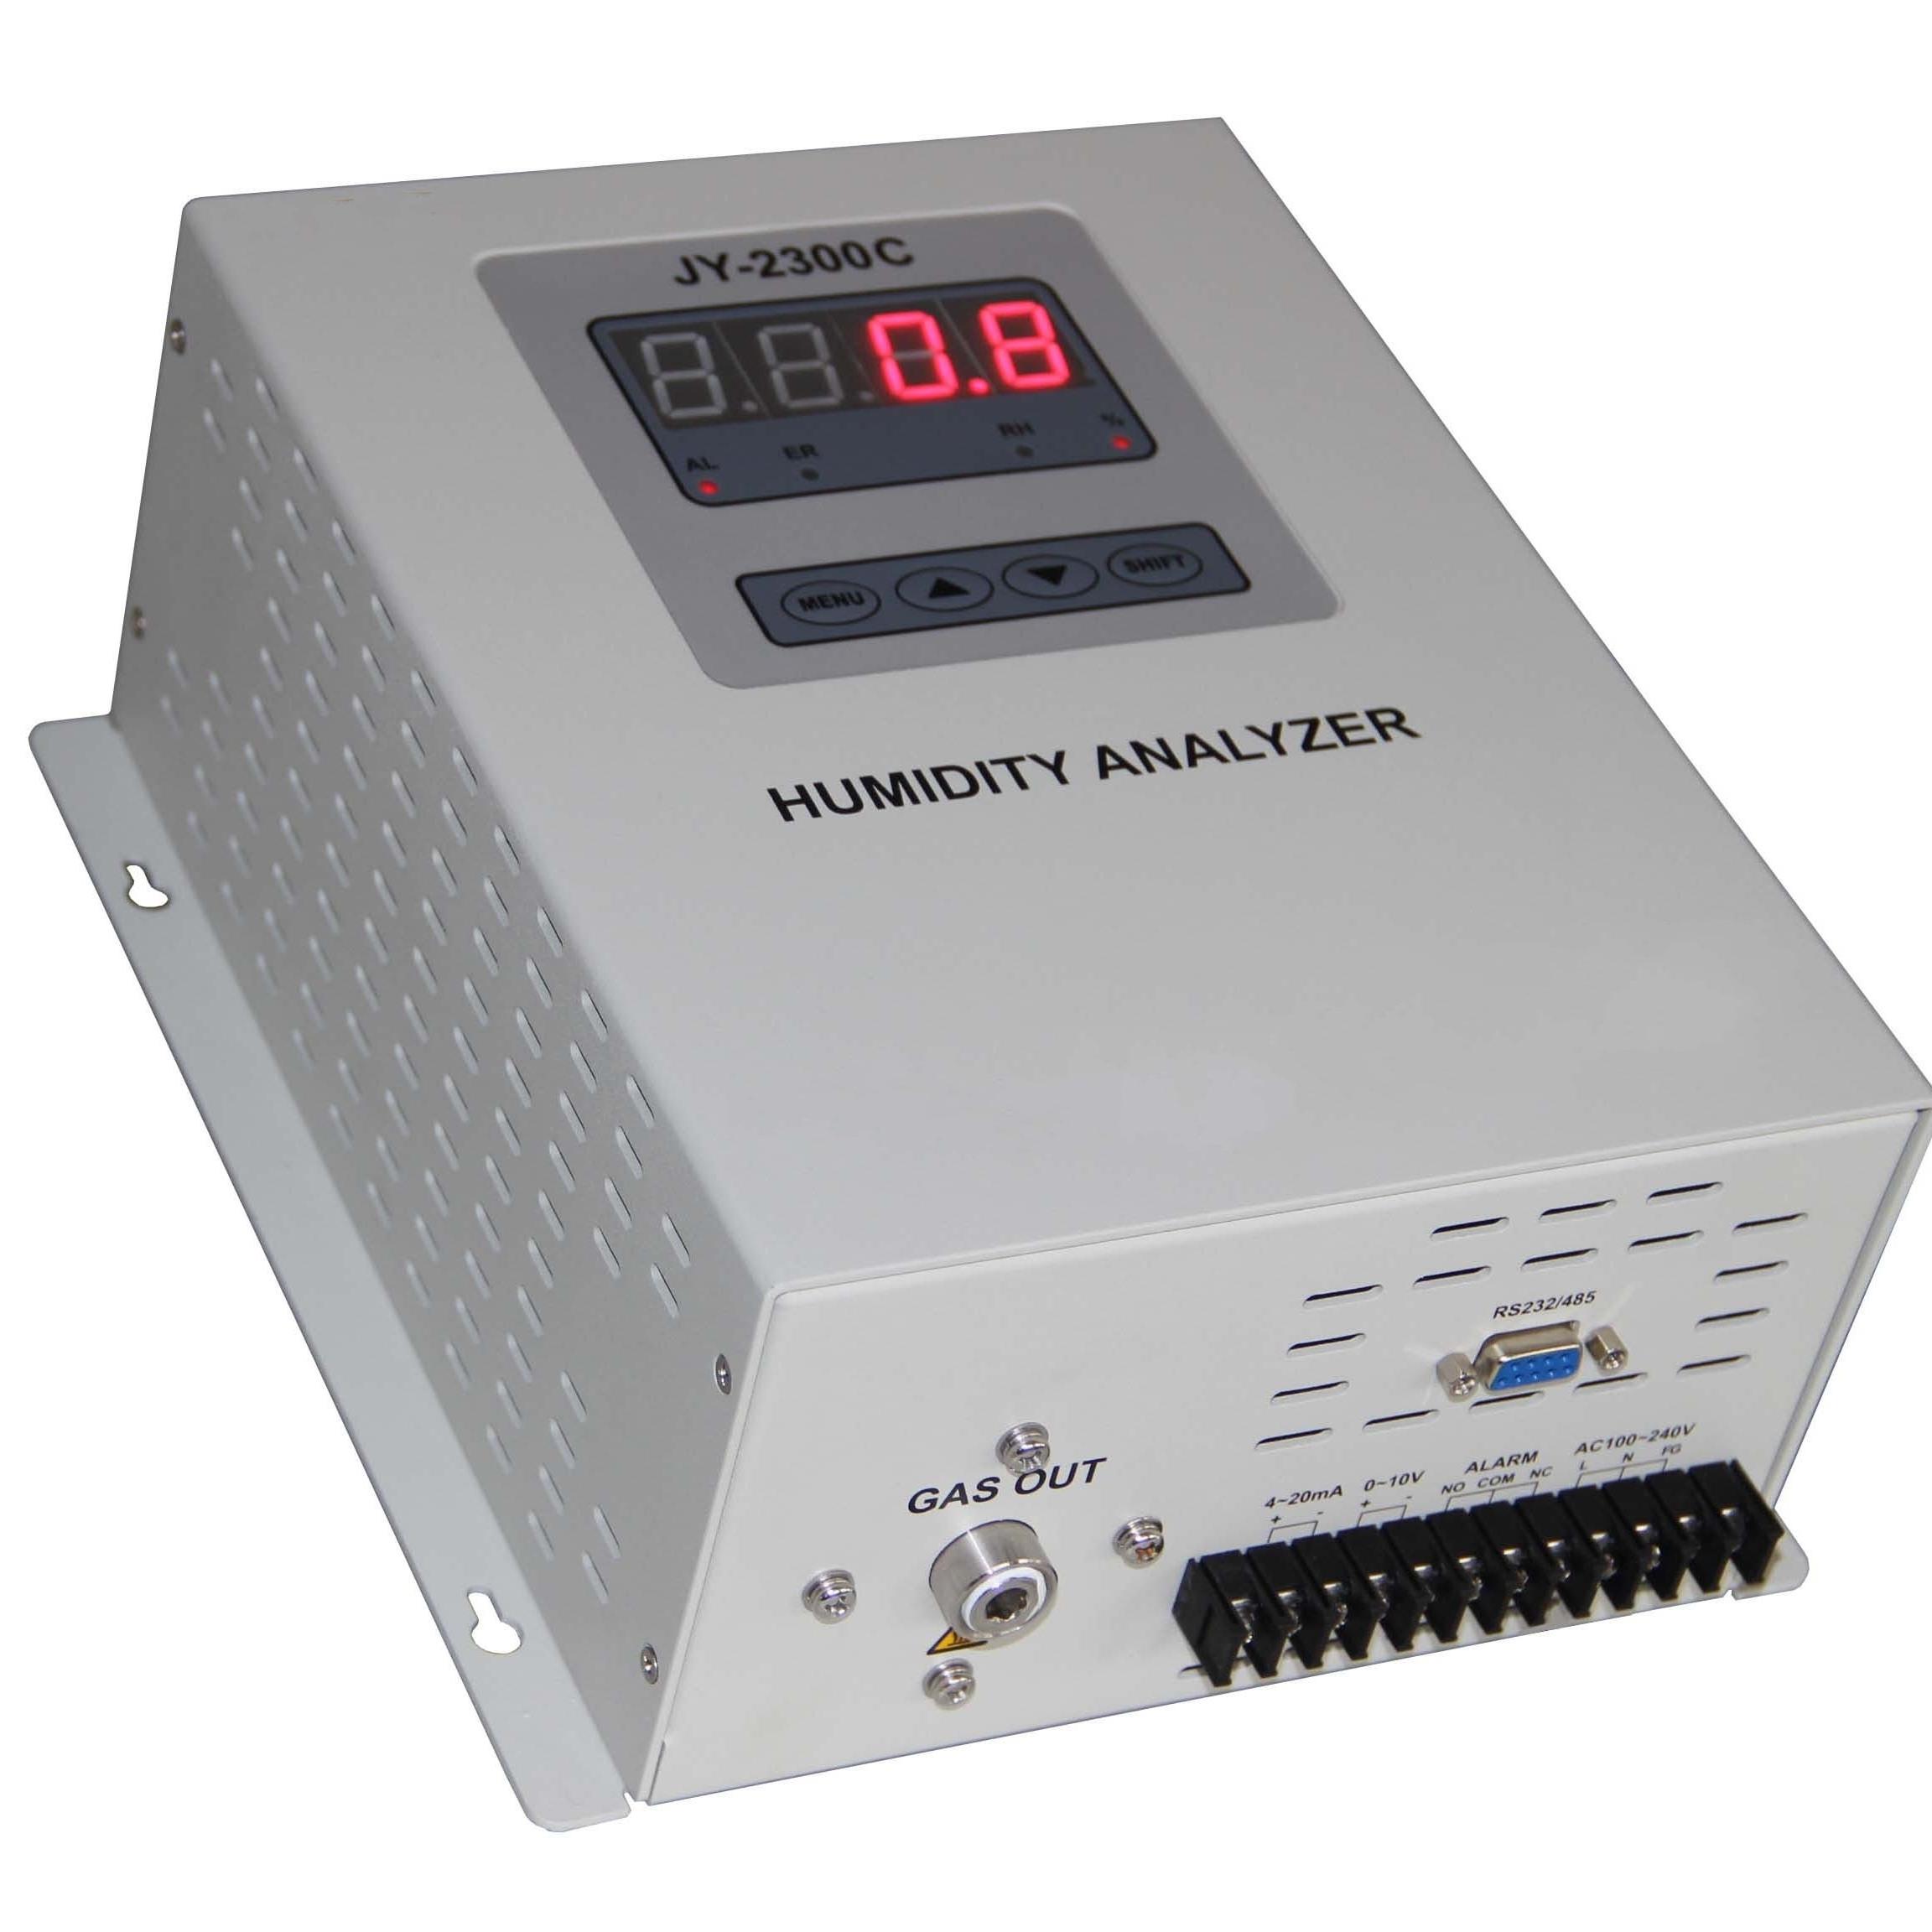 阻容法烟气湿度变送器